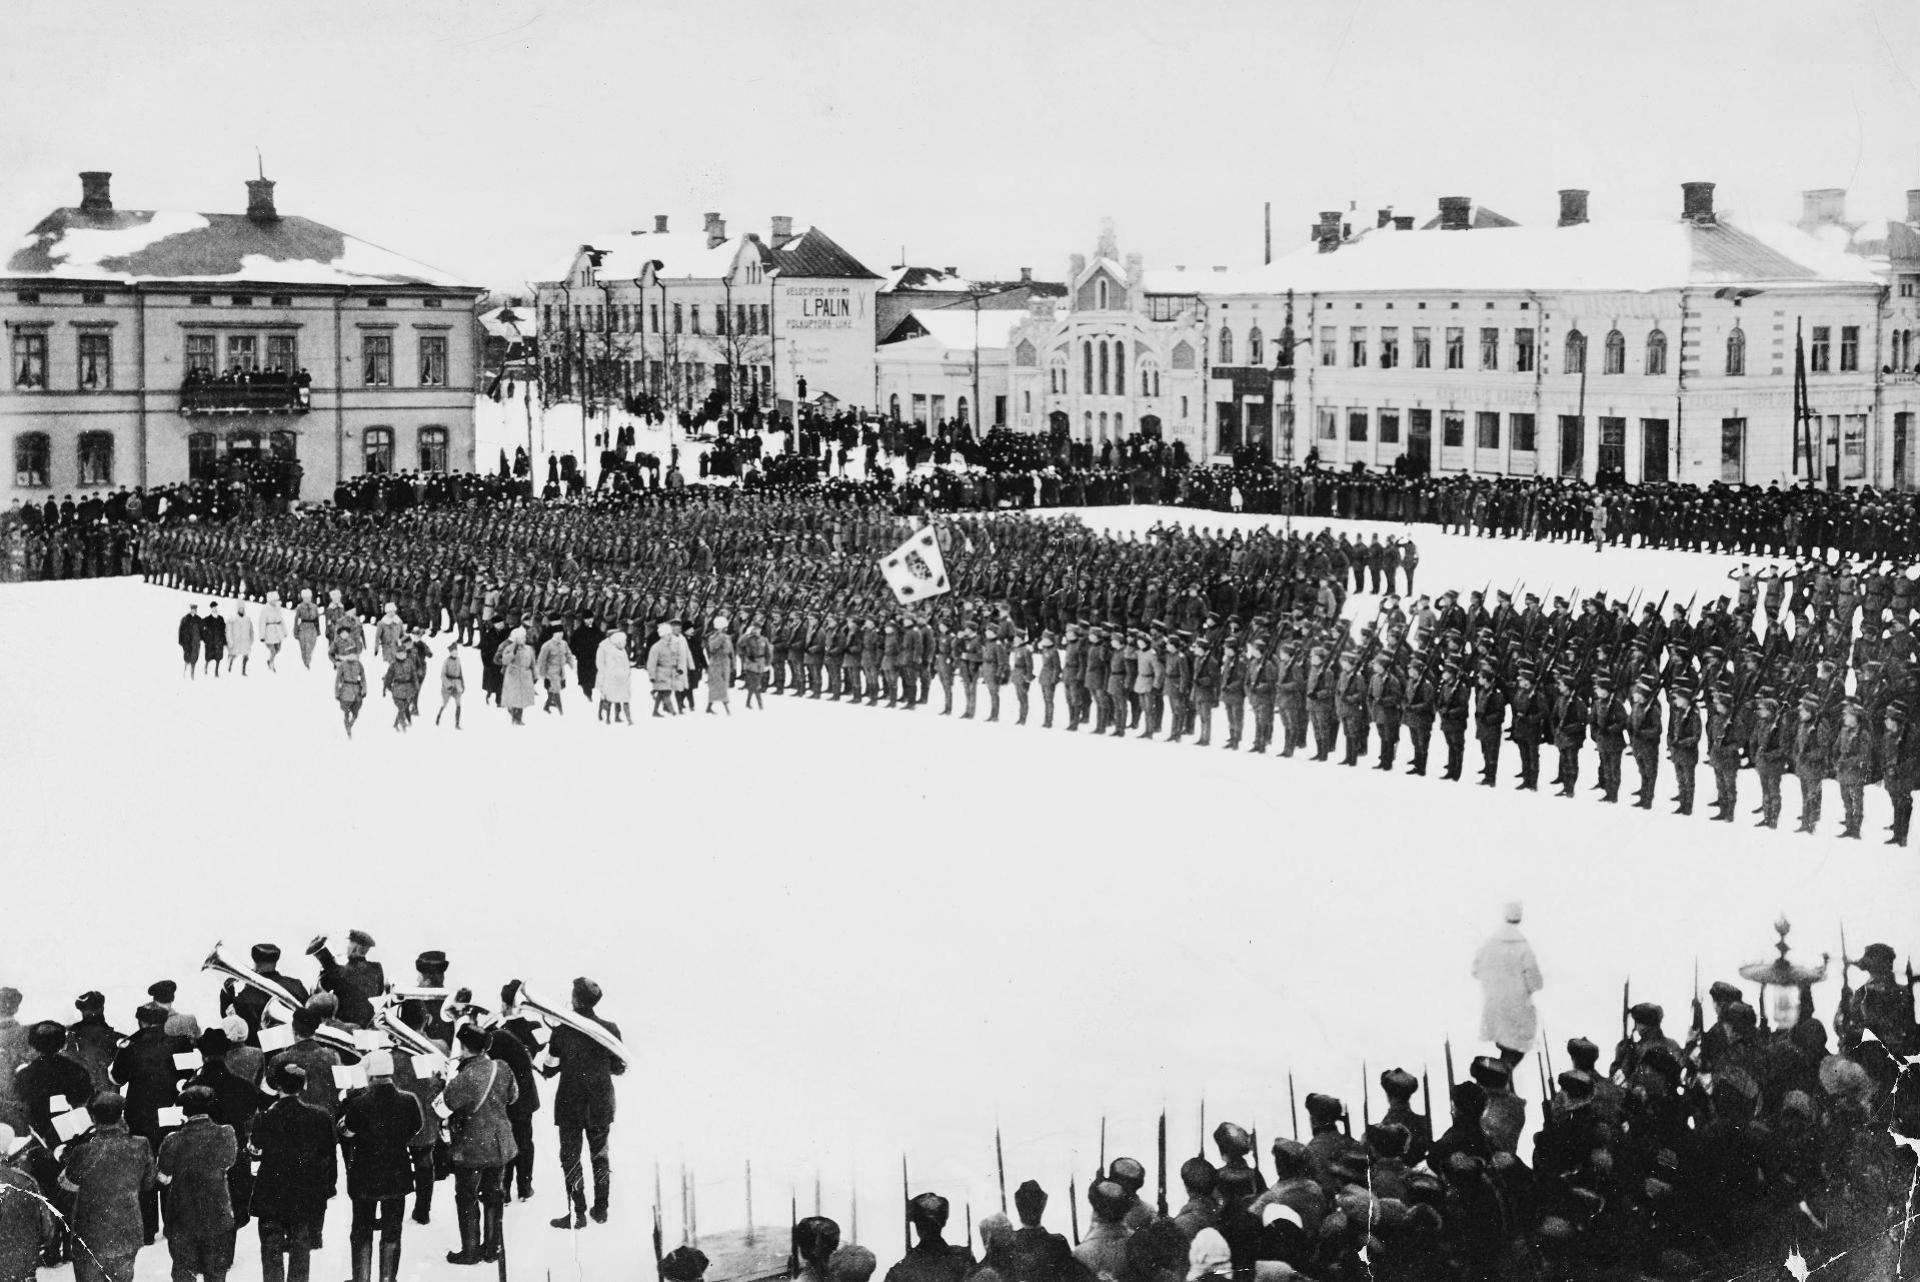 Батальон финских егерей на городской площади в Вааса. Инспектирует Густав Маннергейм. Фото © Wikimedia Commons